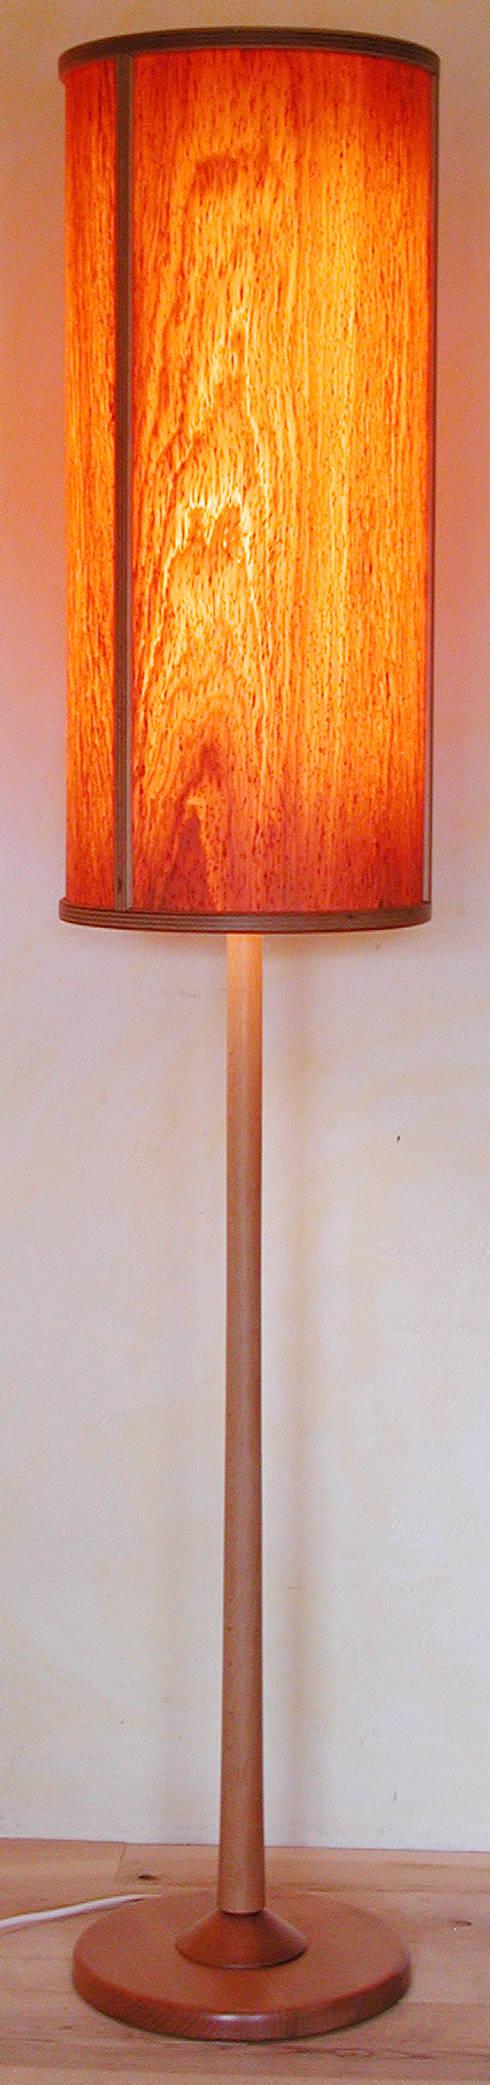 stehlampe mit schirm aus holzfurnier von kunsthandwerk wohndesign sorg homify. Black Bedroom Furniture Sets. Home Design Ideas